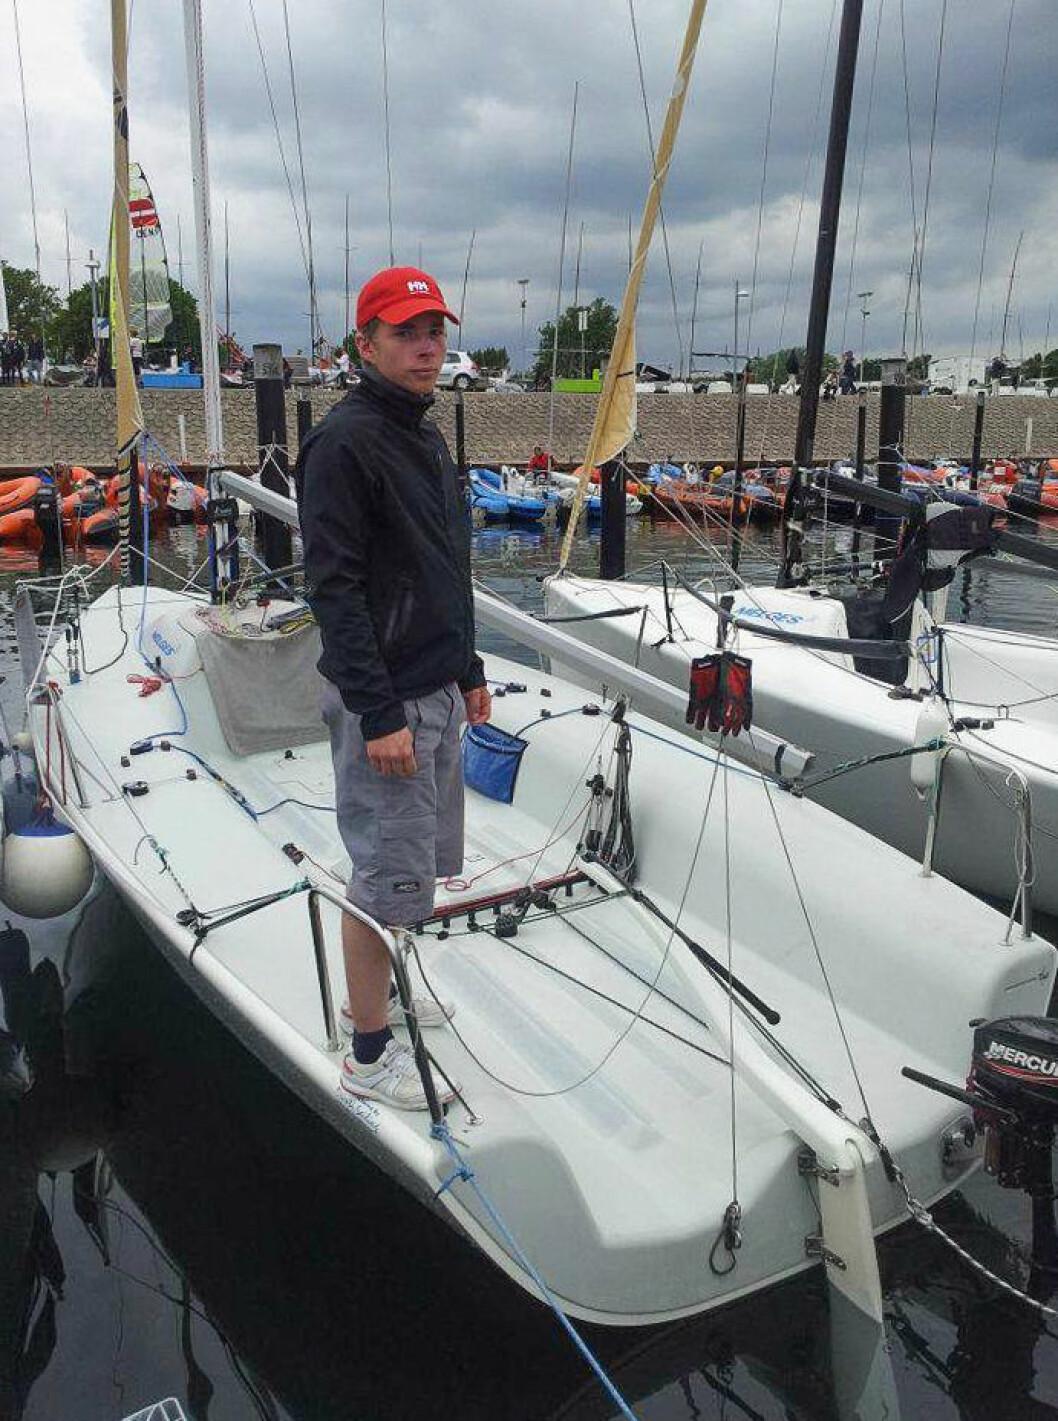 NY TRENER: Tyske Christopher skal trene Optimist- og Laser-seilerne I Molde Seilforening.